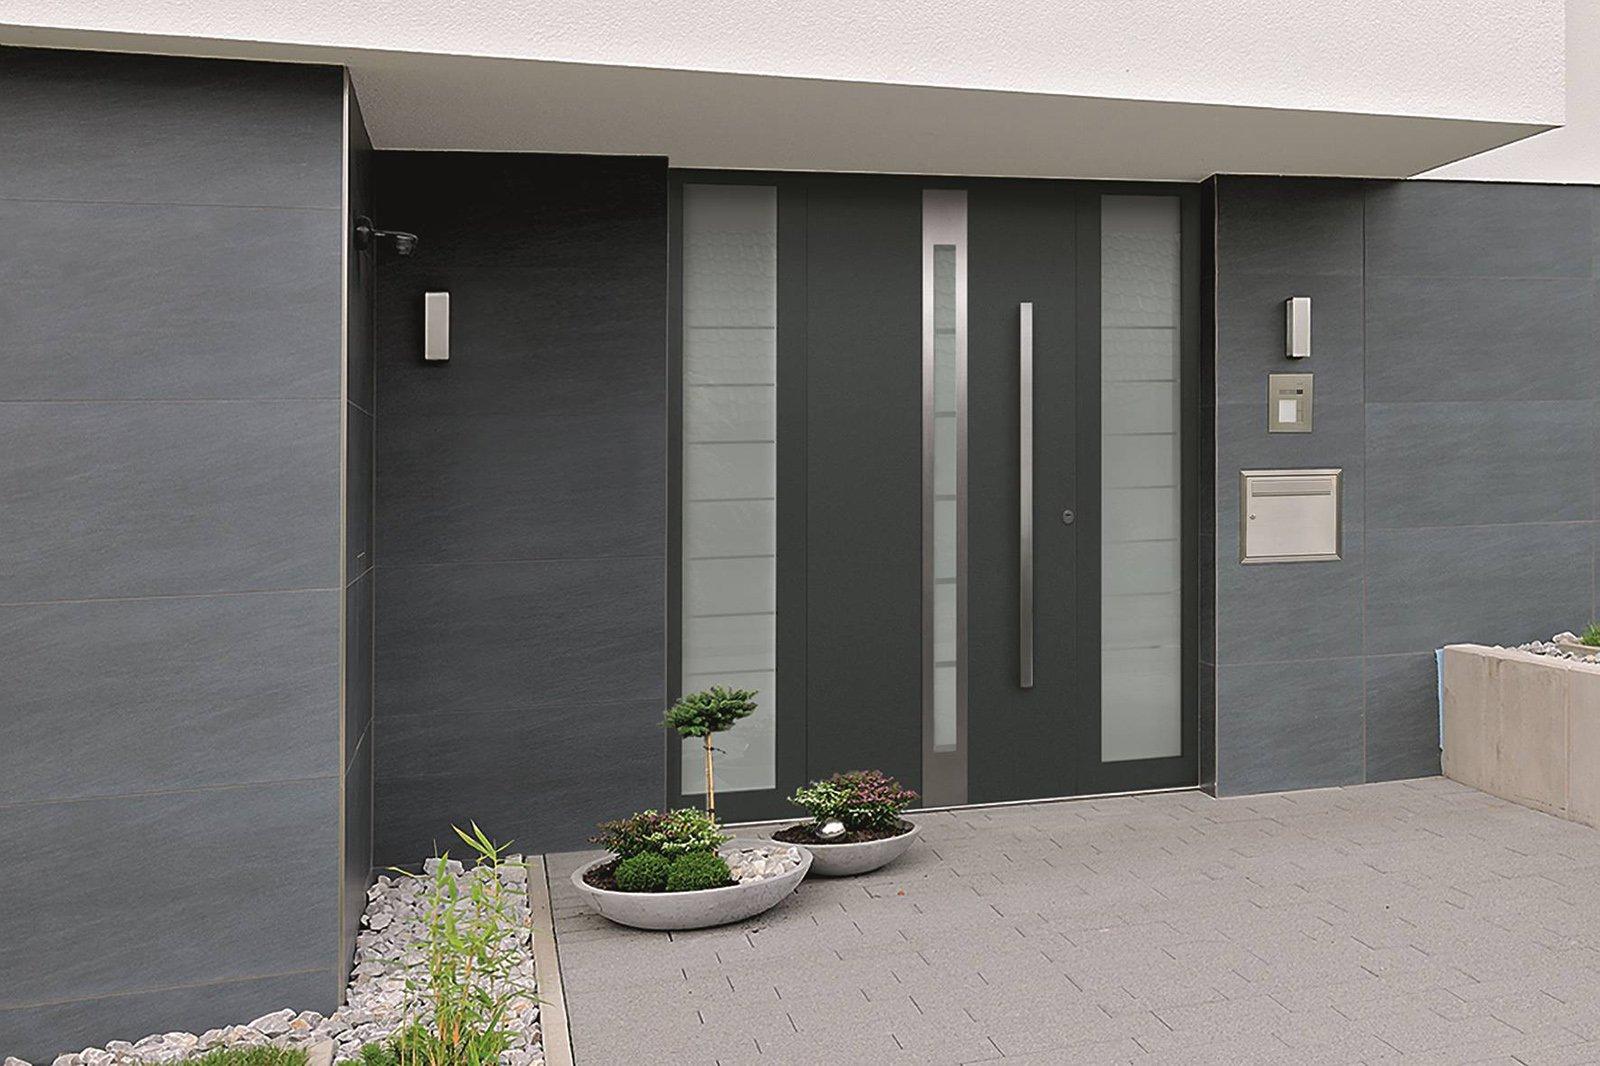 Porte e finestre di sicurezza casa protetta anche durante - Controtelaio finestra prezzo ...